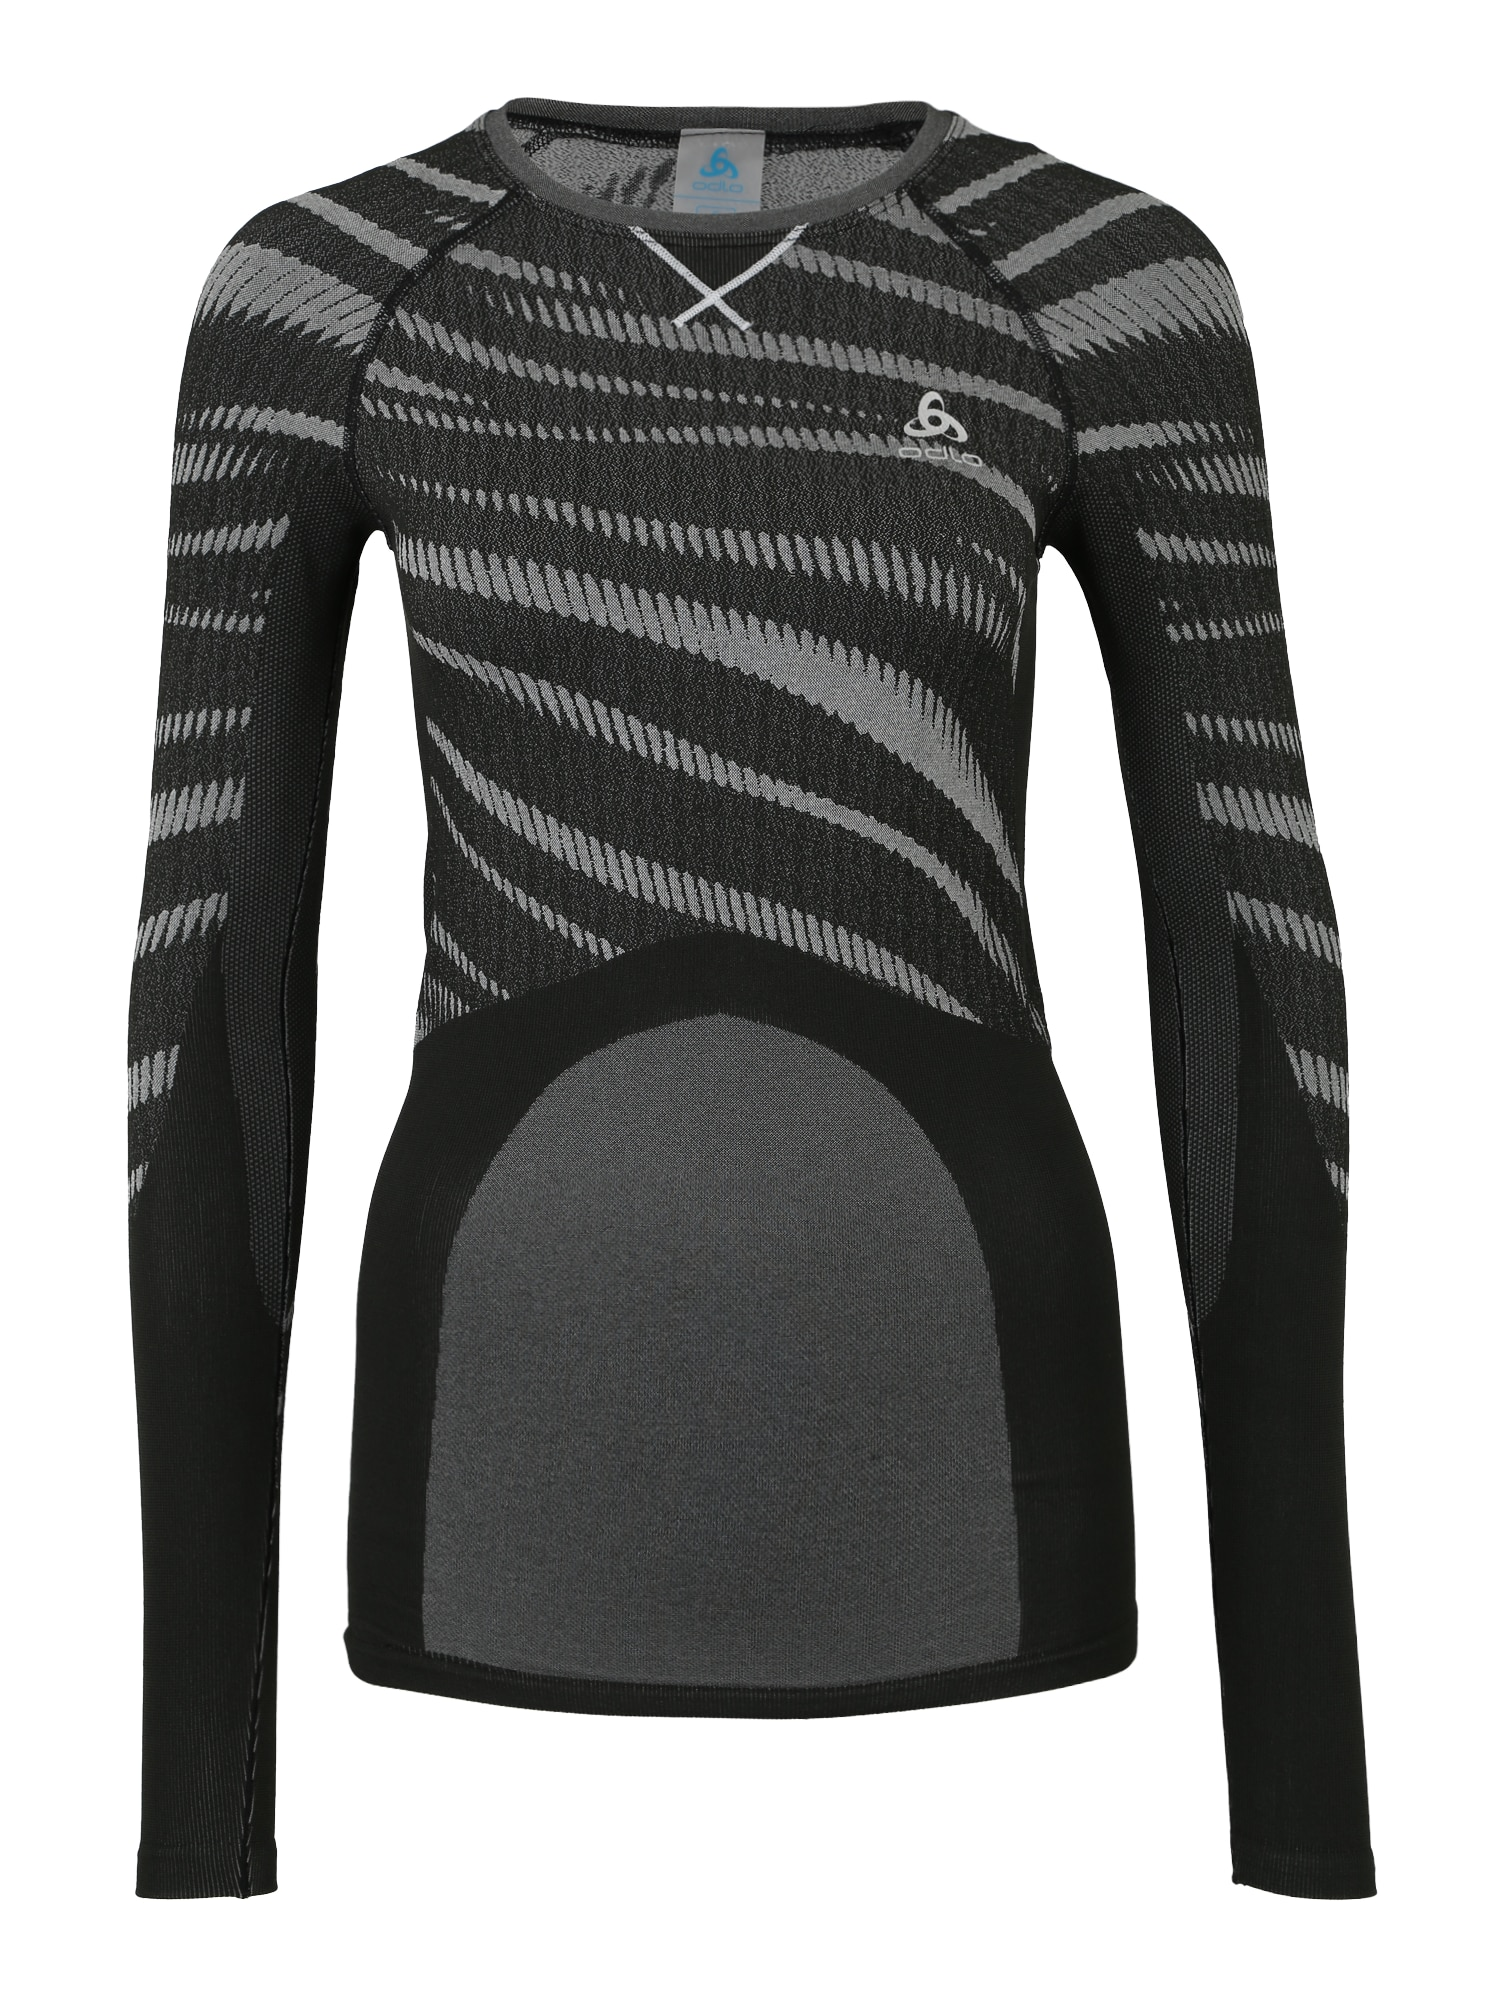 Sportshirt 'PERFORMANCE Blackcomb' | Sportbekleidung > Sportshirts > T-Shirts | Grau - Schwarz | ODLO